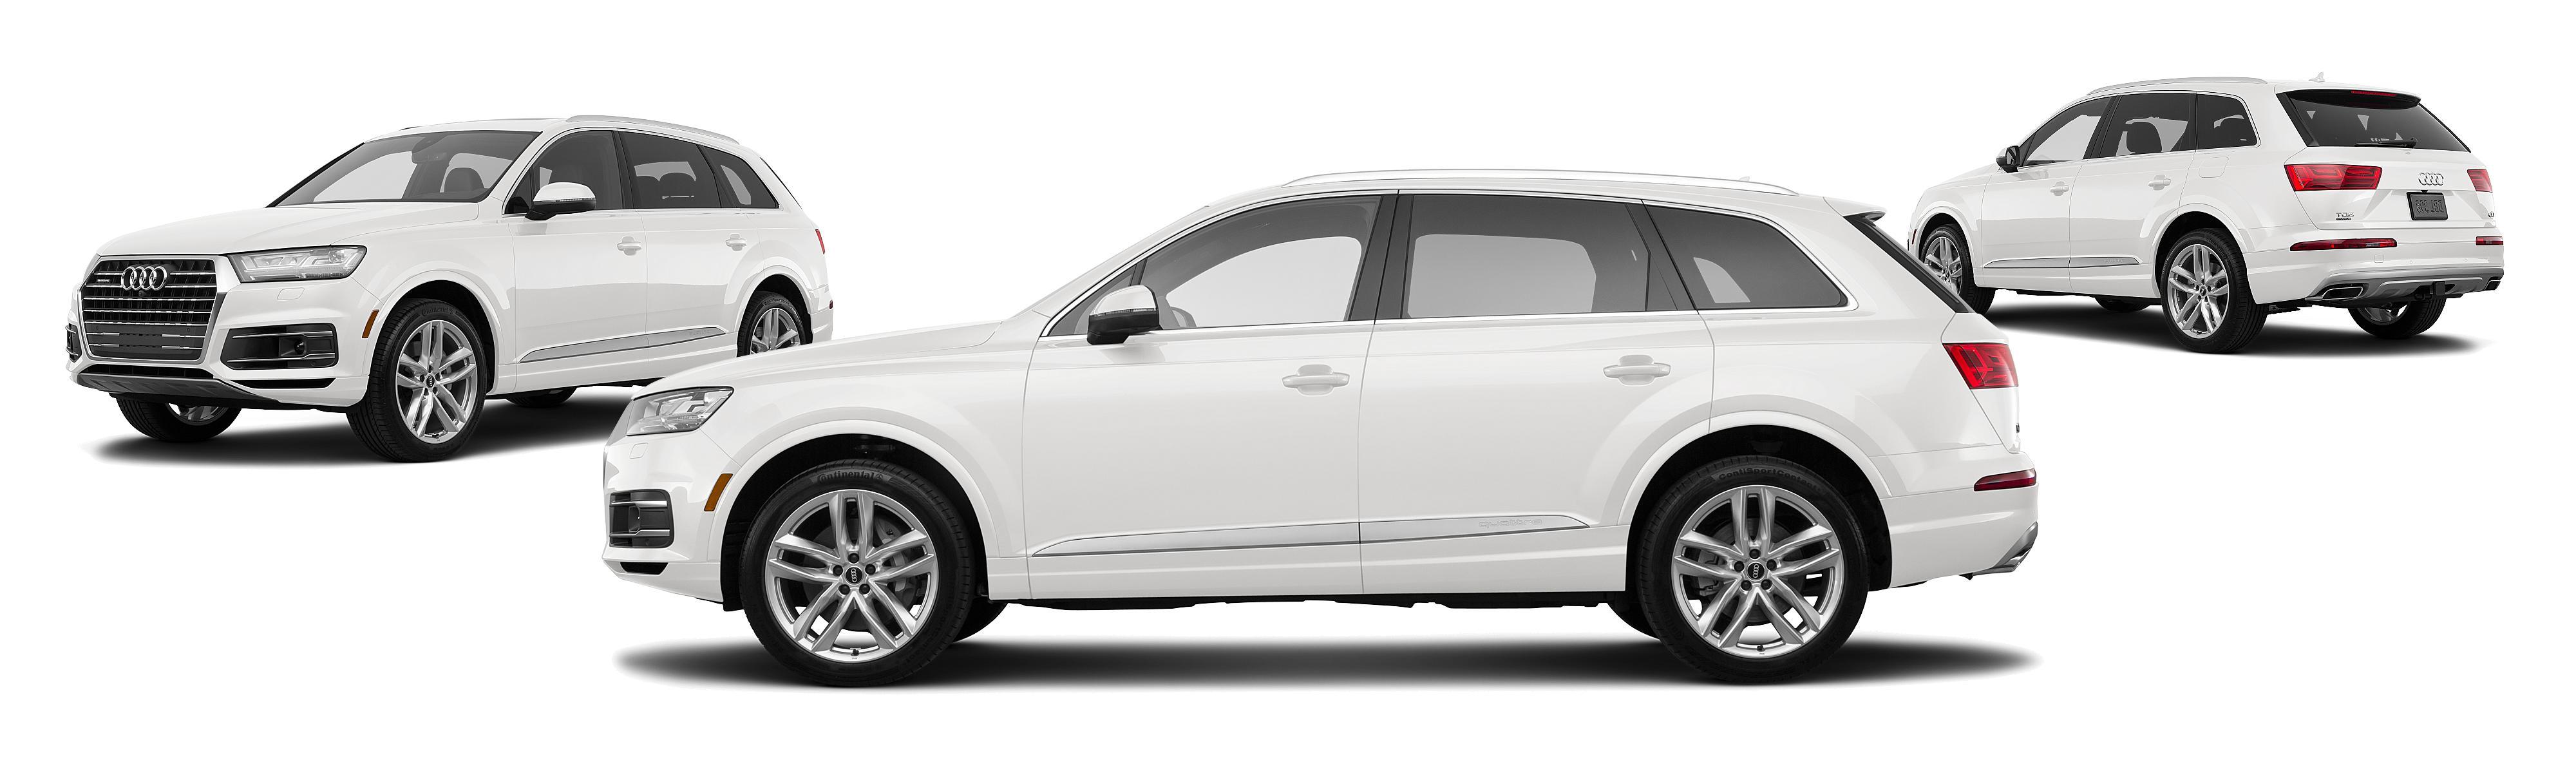 Audi Q AWD T Quattro Prestige Dr SUV Research GrooveCar - Audi 3 suv